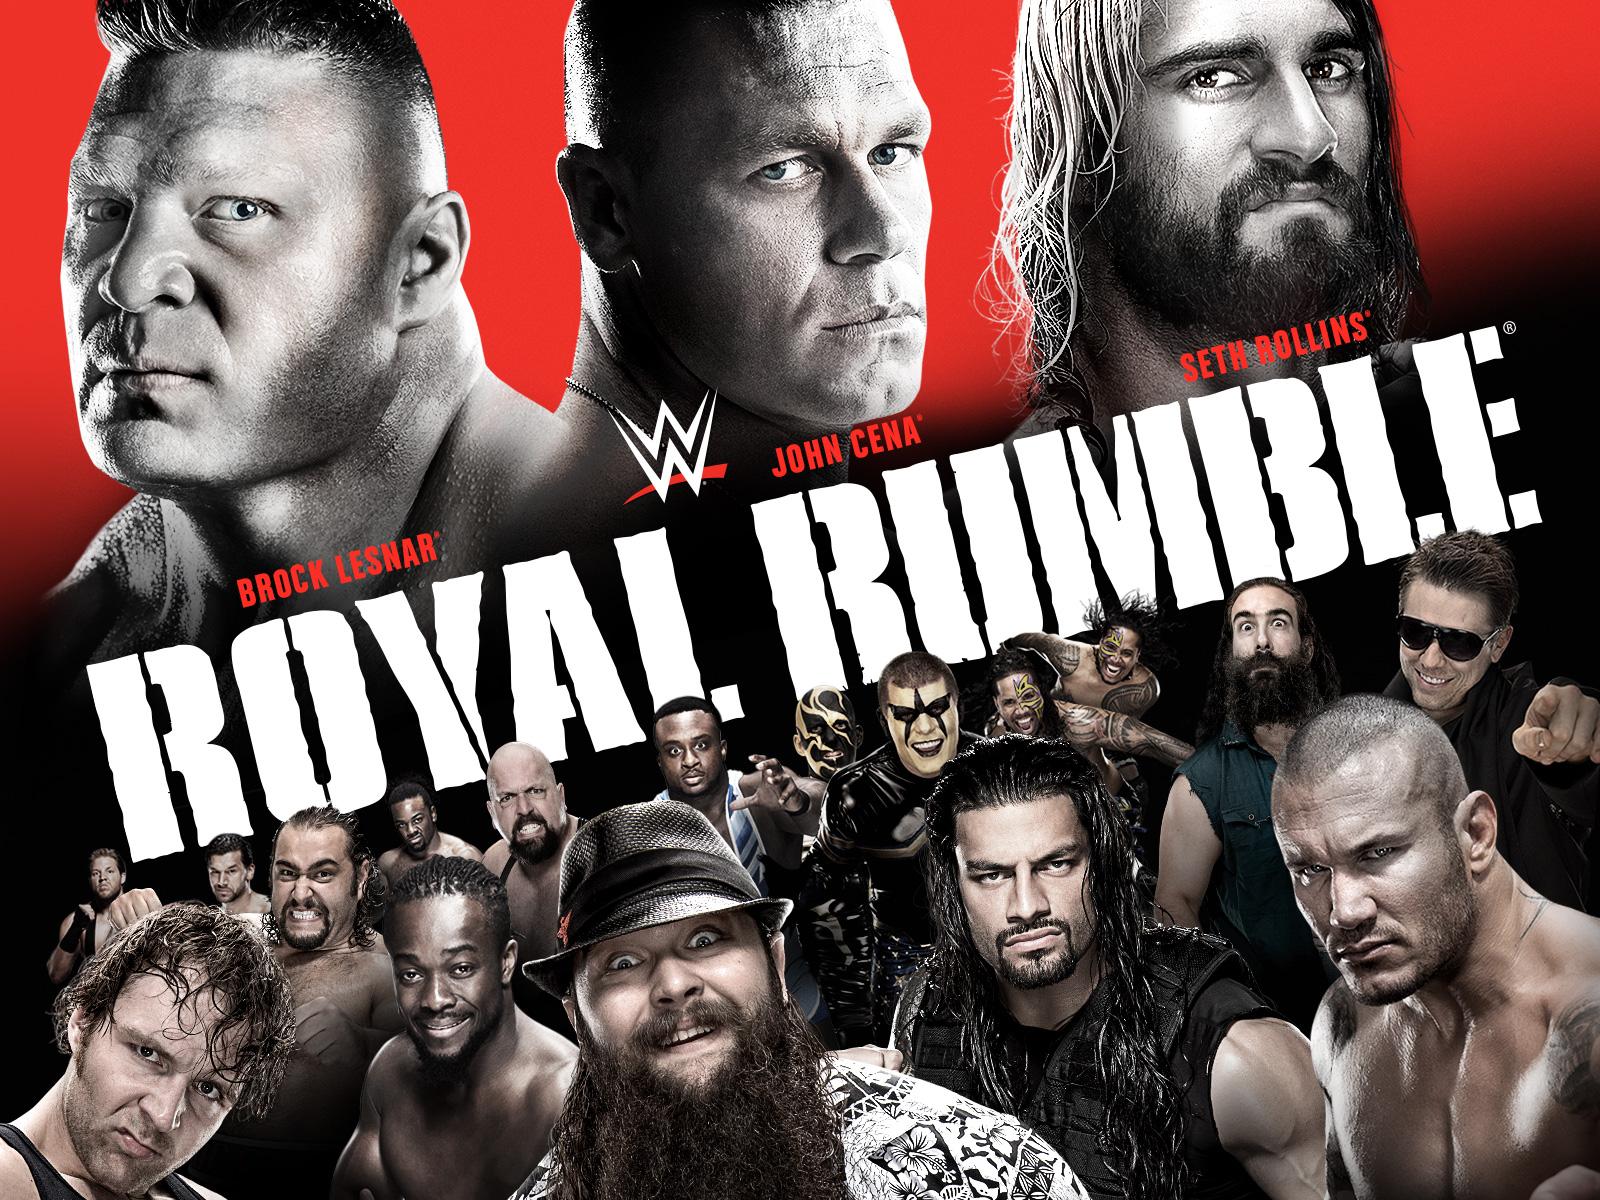 WWE 2015 John Cena Seth Rollins